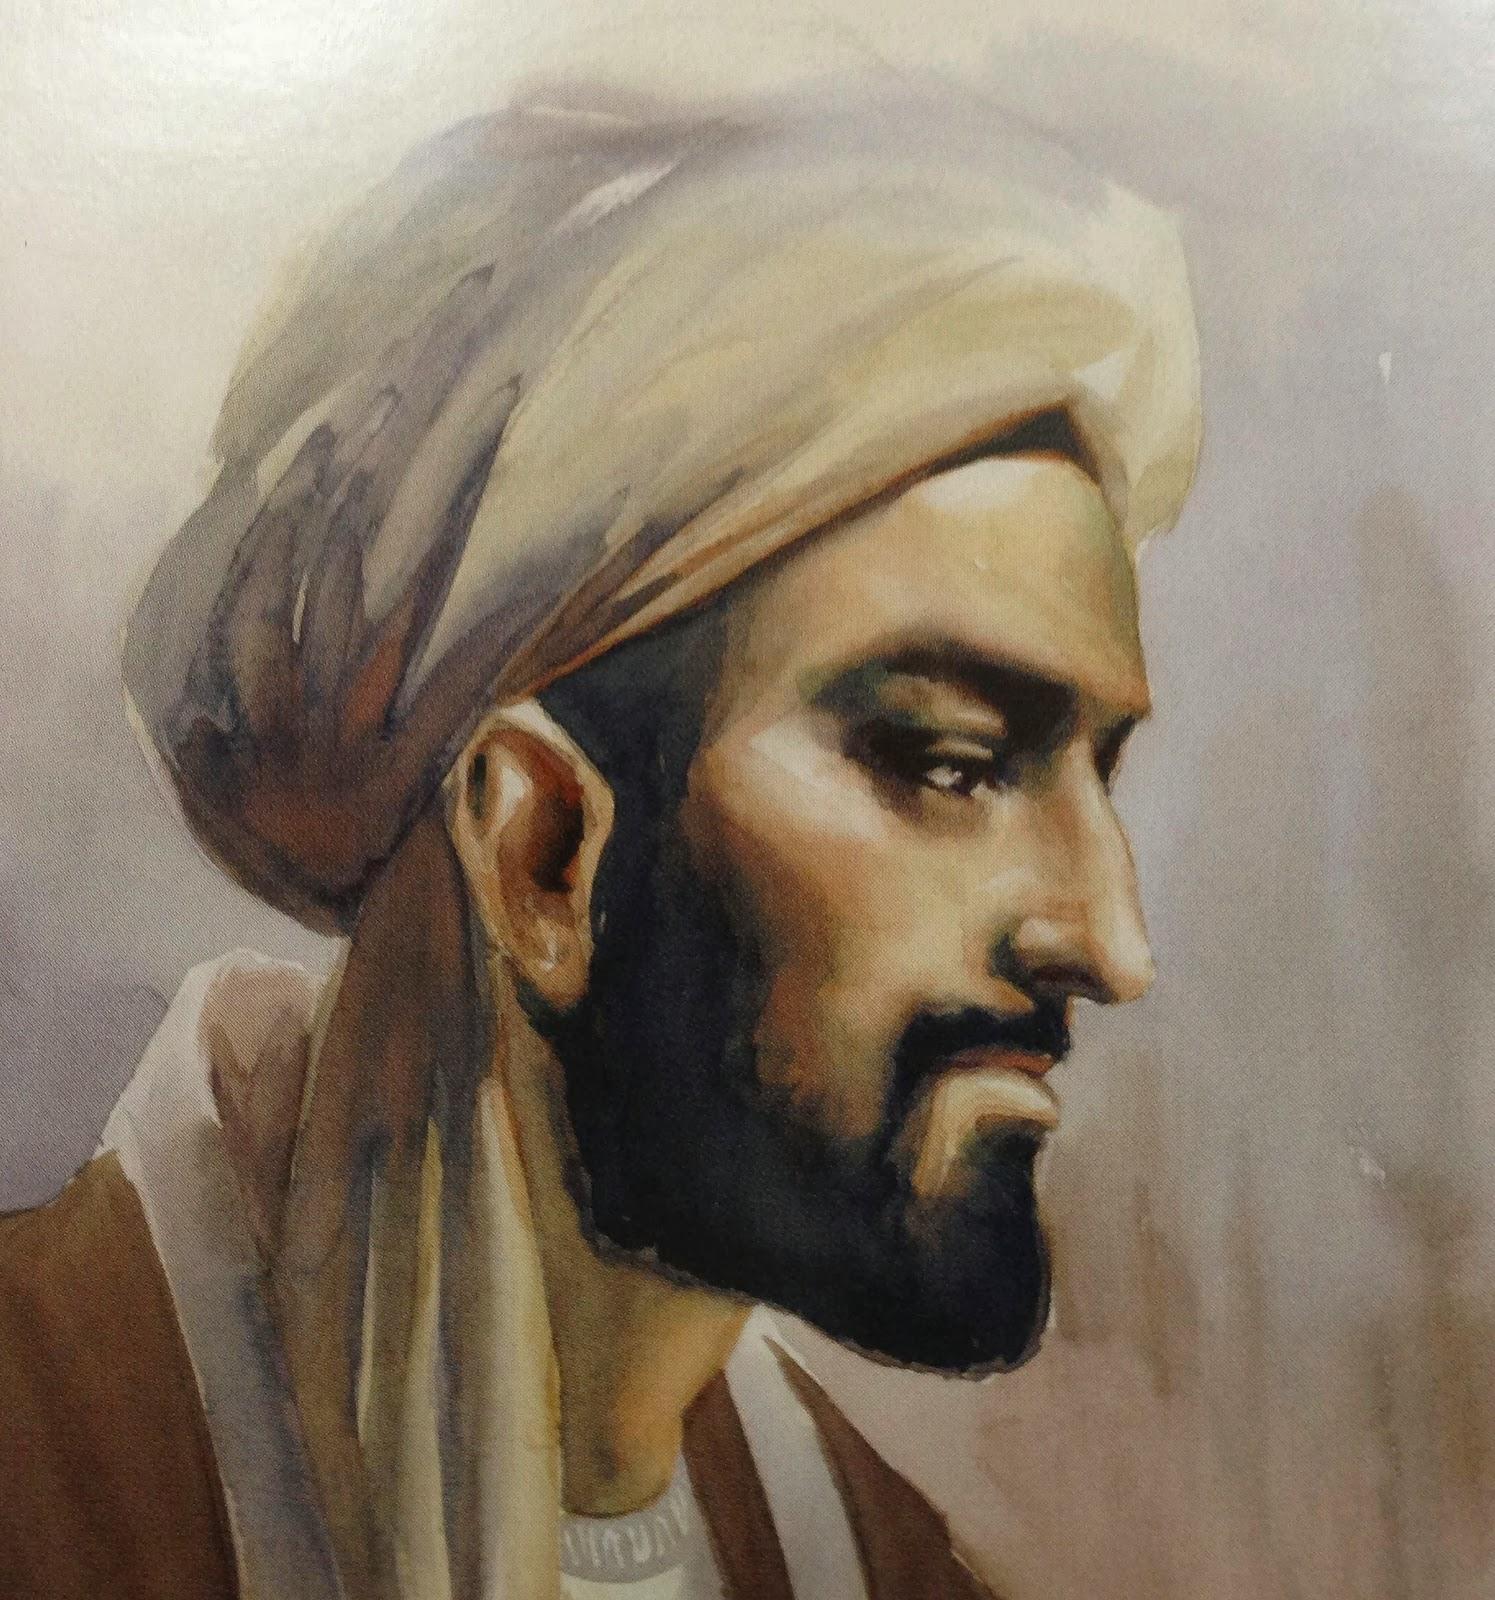 Düşünür ve tarihçi İbni Haldun. tarihte bugün